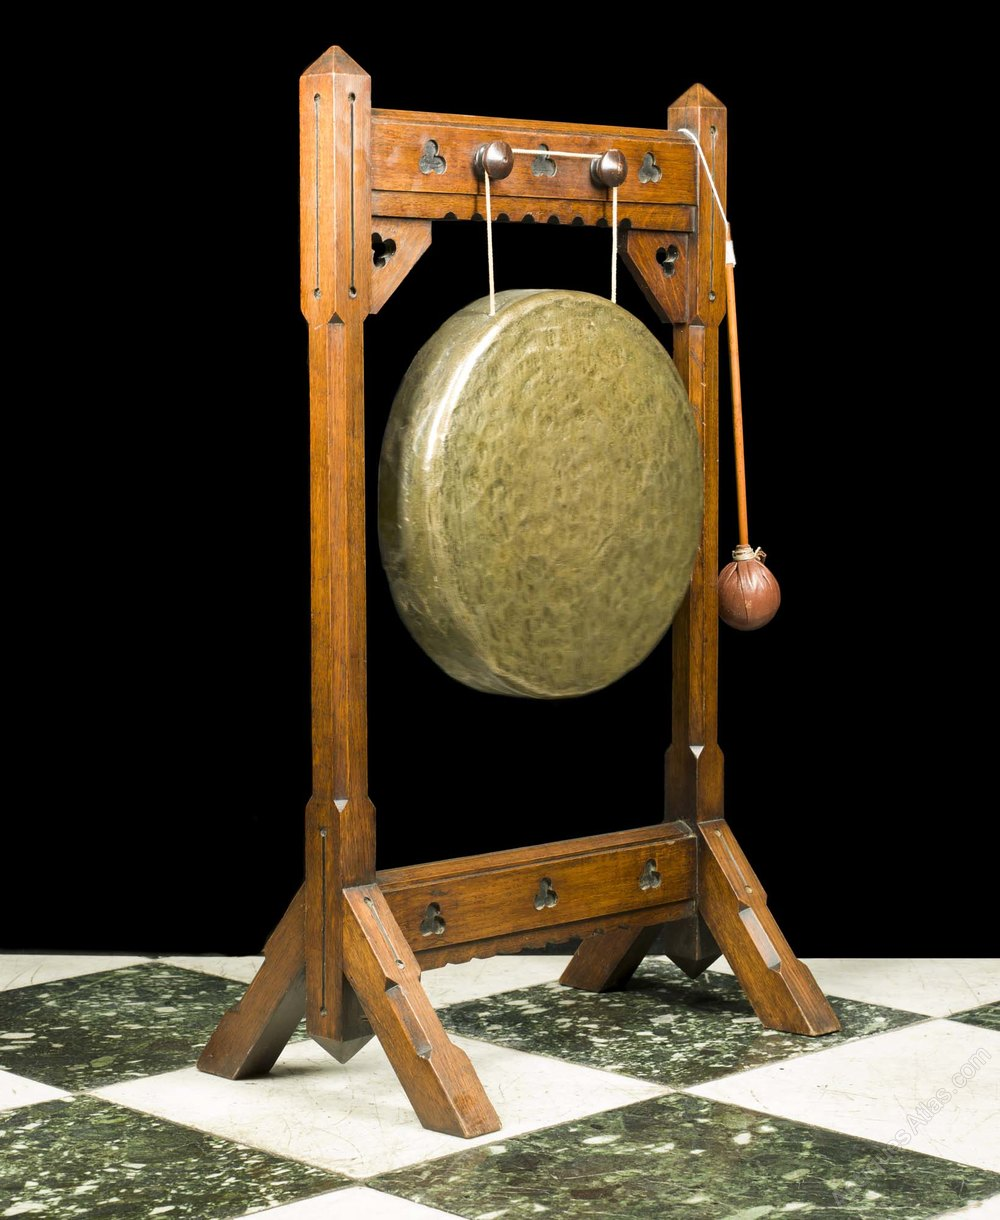 dinner gong